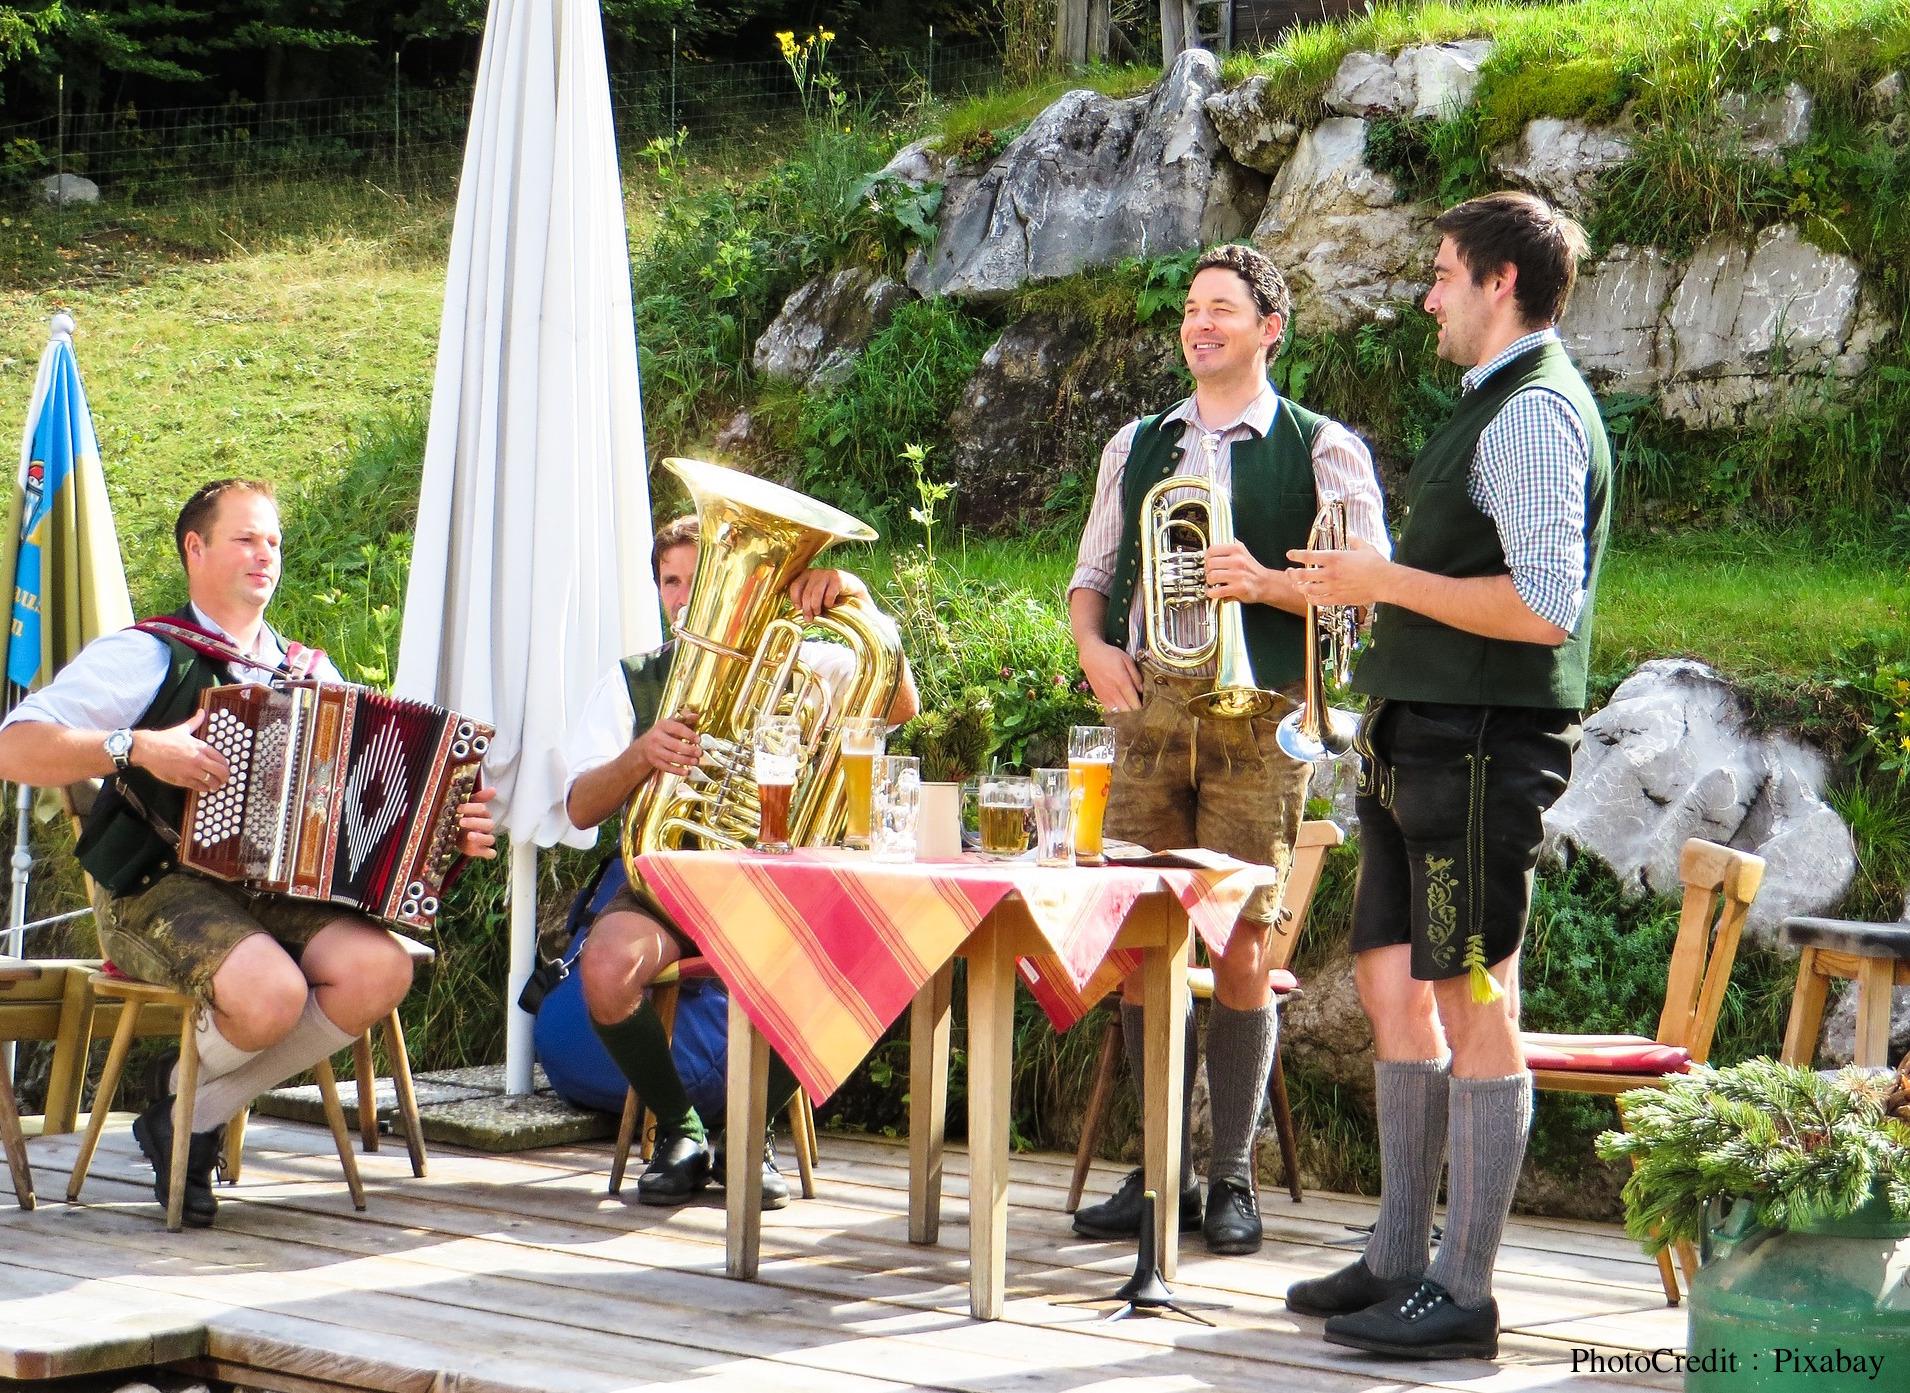 古典音樂也能創新?新生代音樂家歡迎你在音樂會喝啤酒、穿睡衣、打瞌睡,聽見「音符以外」的聲音